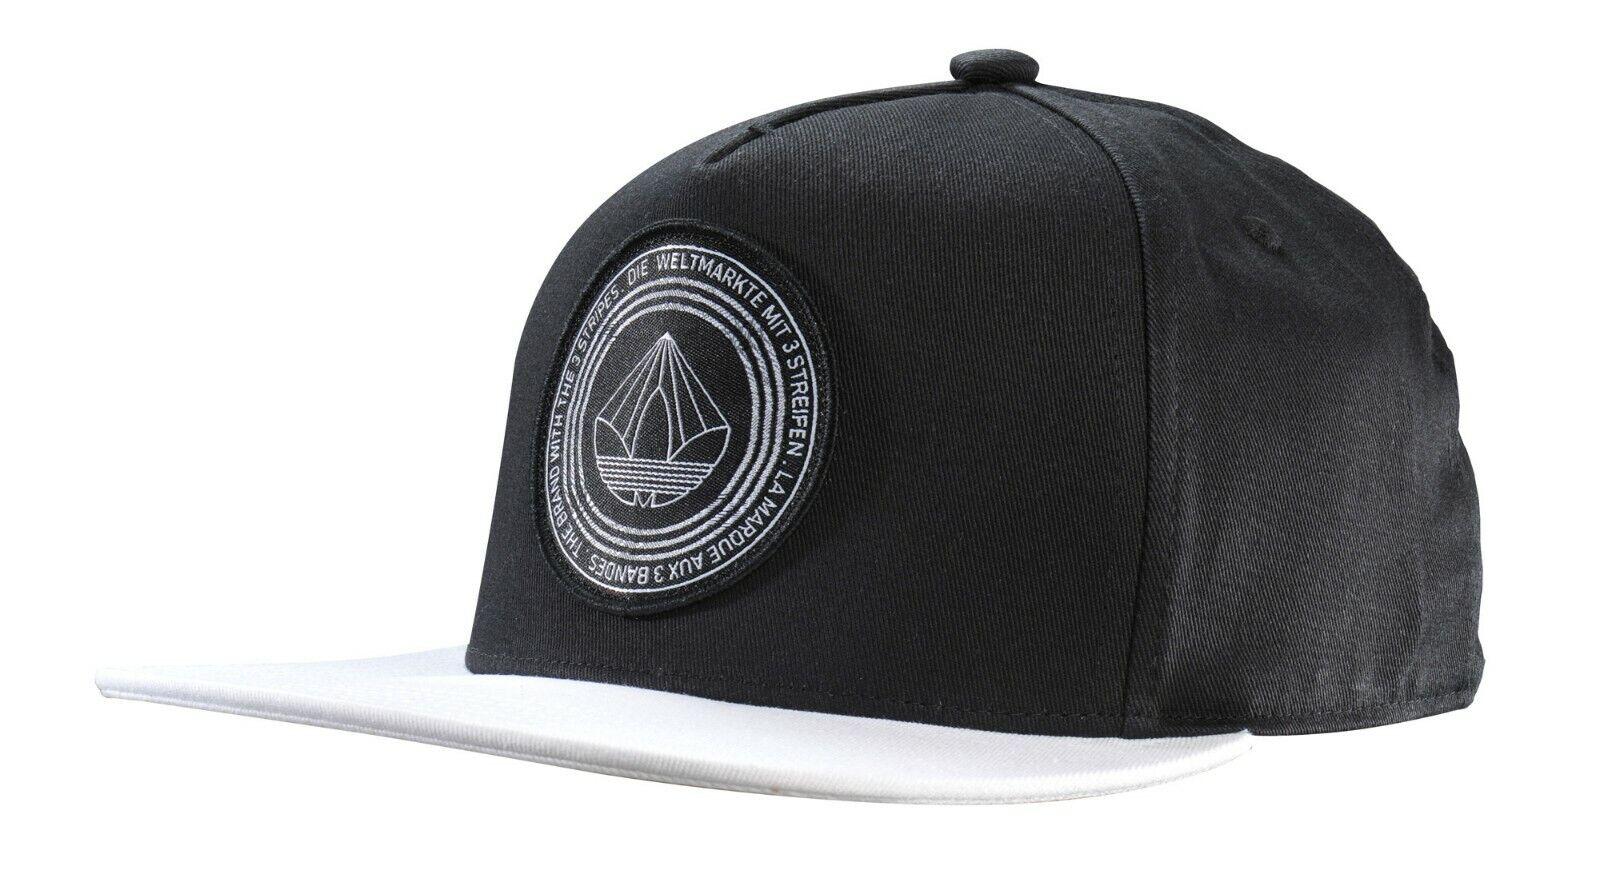 Adidas BK7371 Snapback Cap Cappy Black & White OSFM OSFW Herren Damen